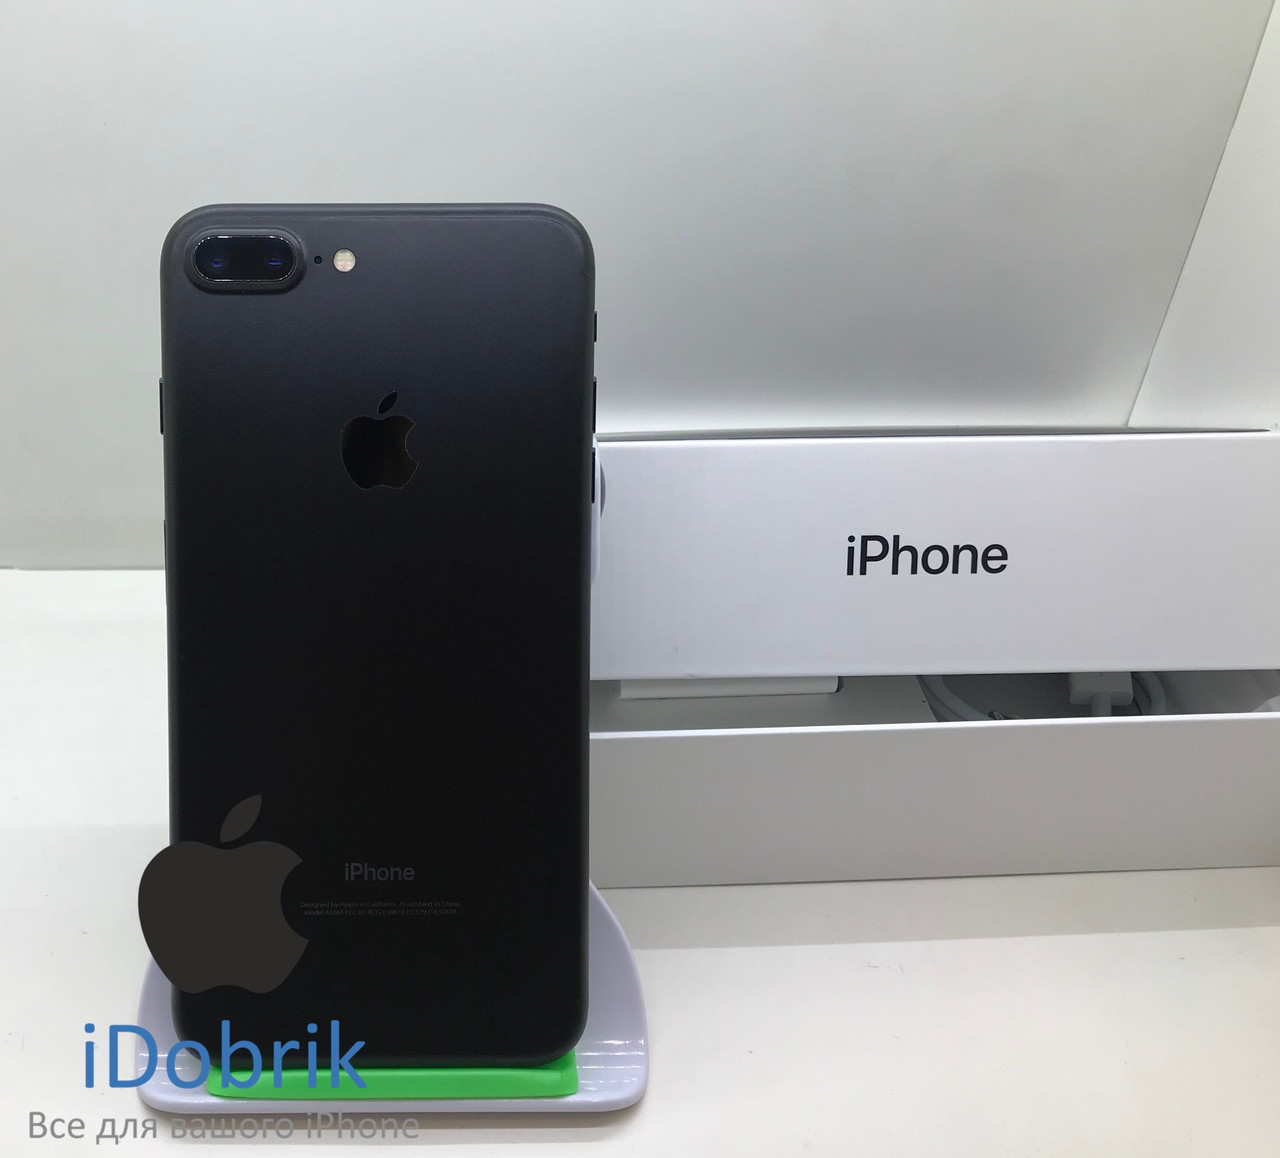 Б/У iPhone 7 Plus 256gb Black Neverlock 10/10